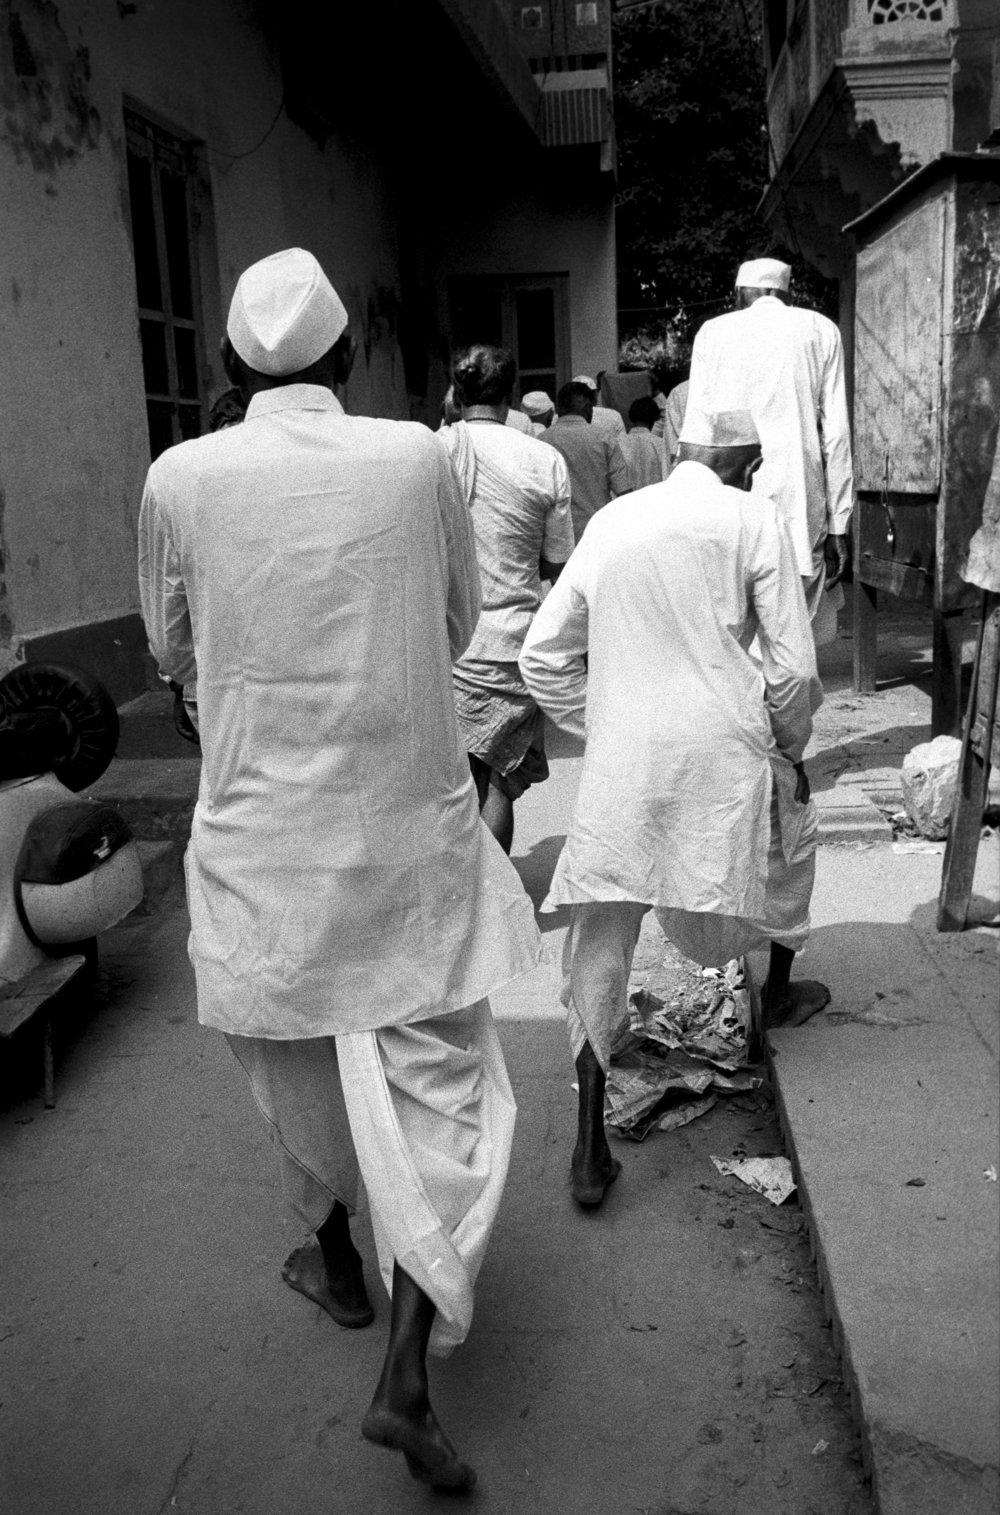 V32  Varanasi-35mm film